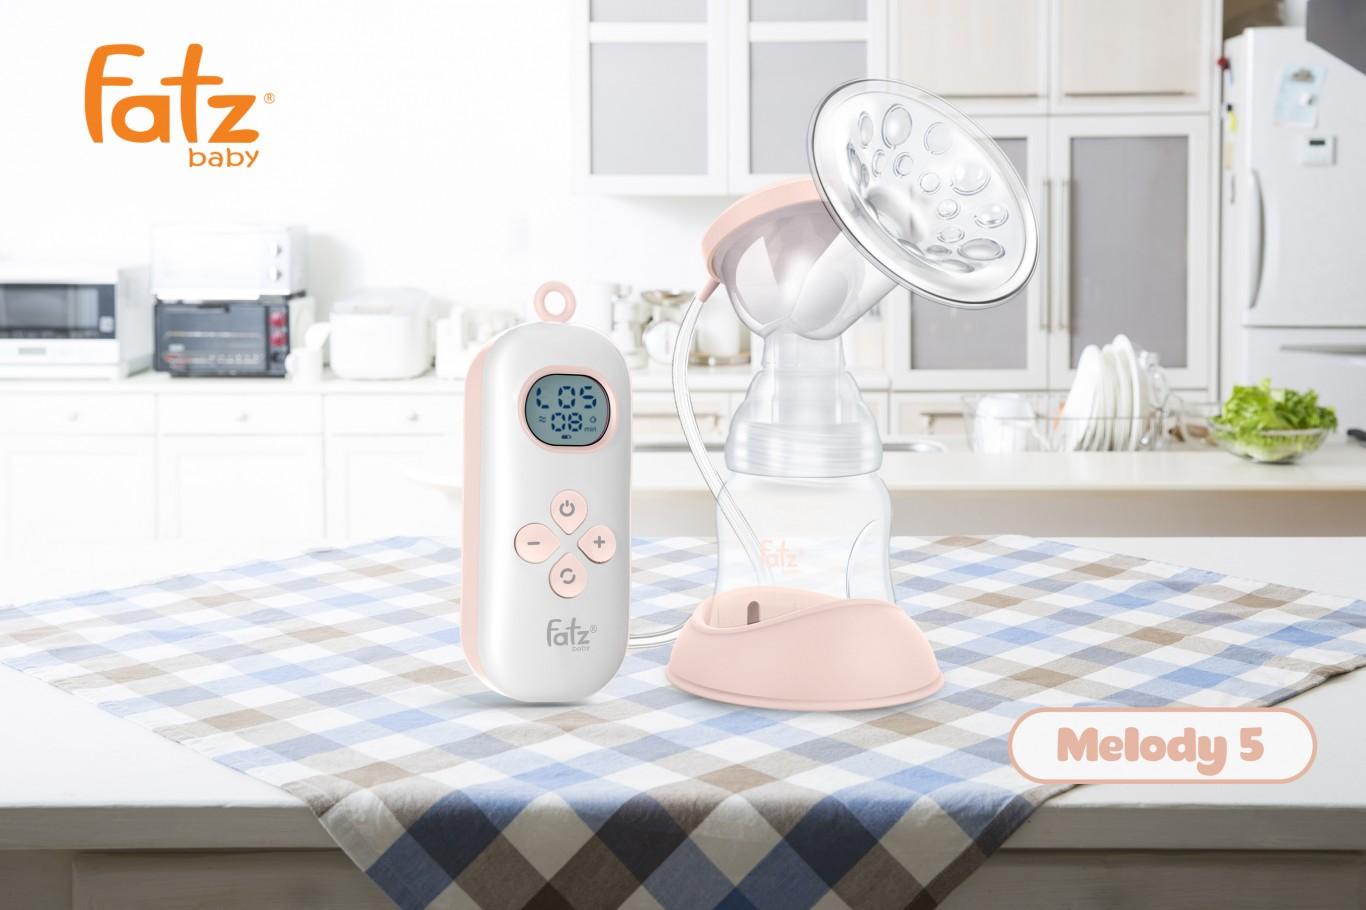 Bộ lá Van chân không FatzBaby Melody 1,2,3,4,5 - phụ kiện thay thế cho máy hút sữa điện đơn Fatz